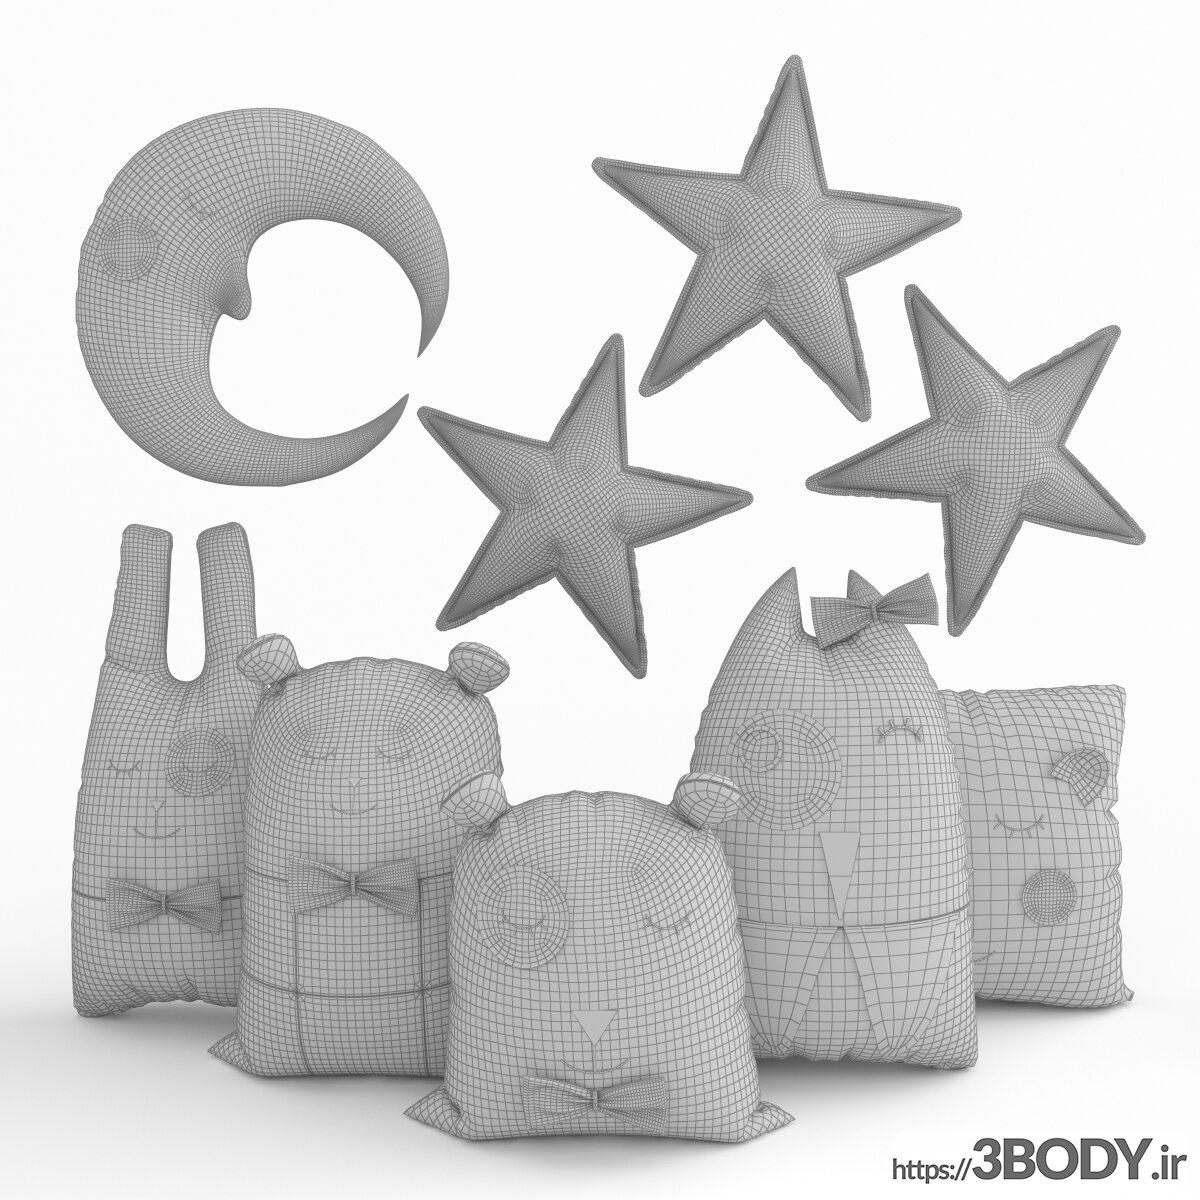 مدل سه بعدی اسباب بازی کودک بالش اسباب بازی عکس 3